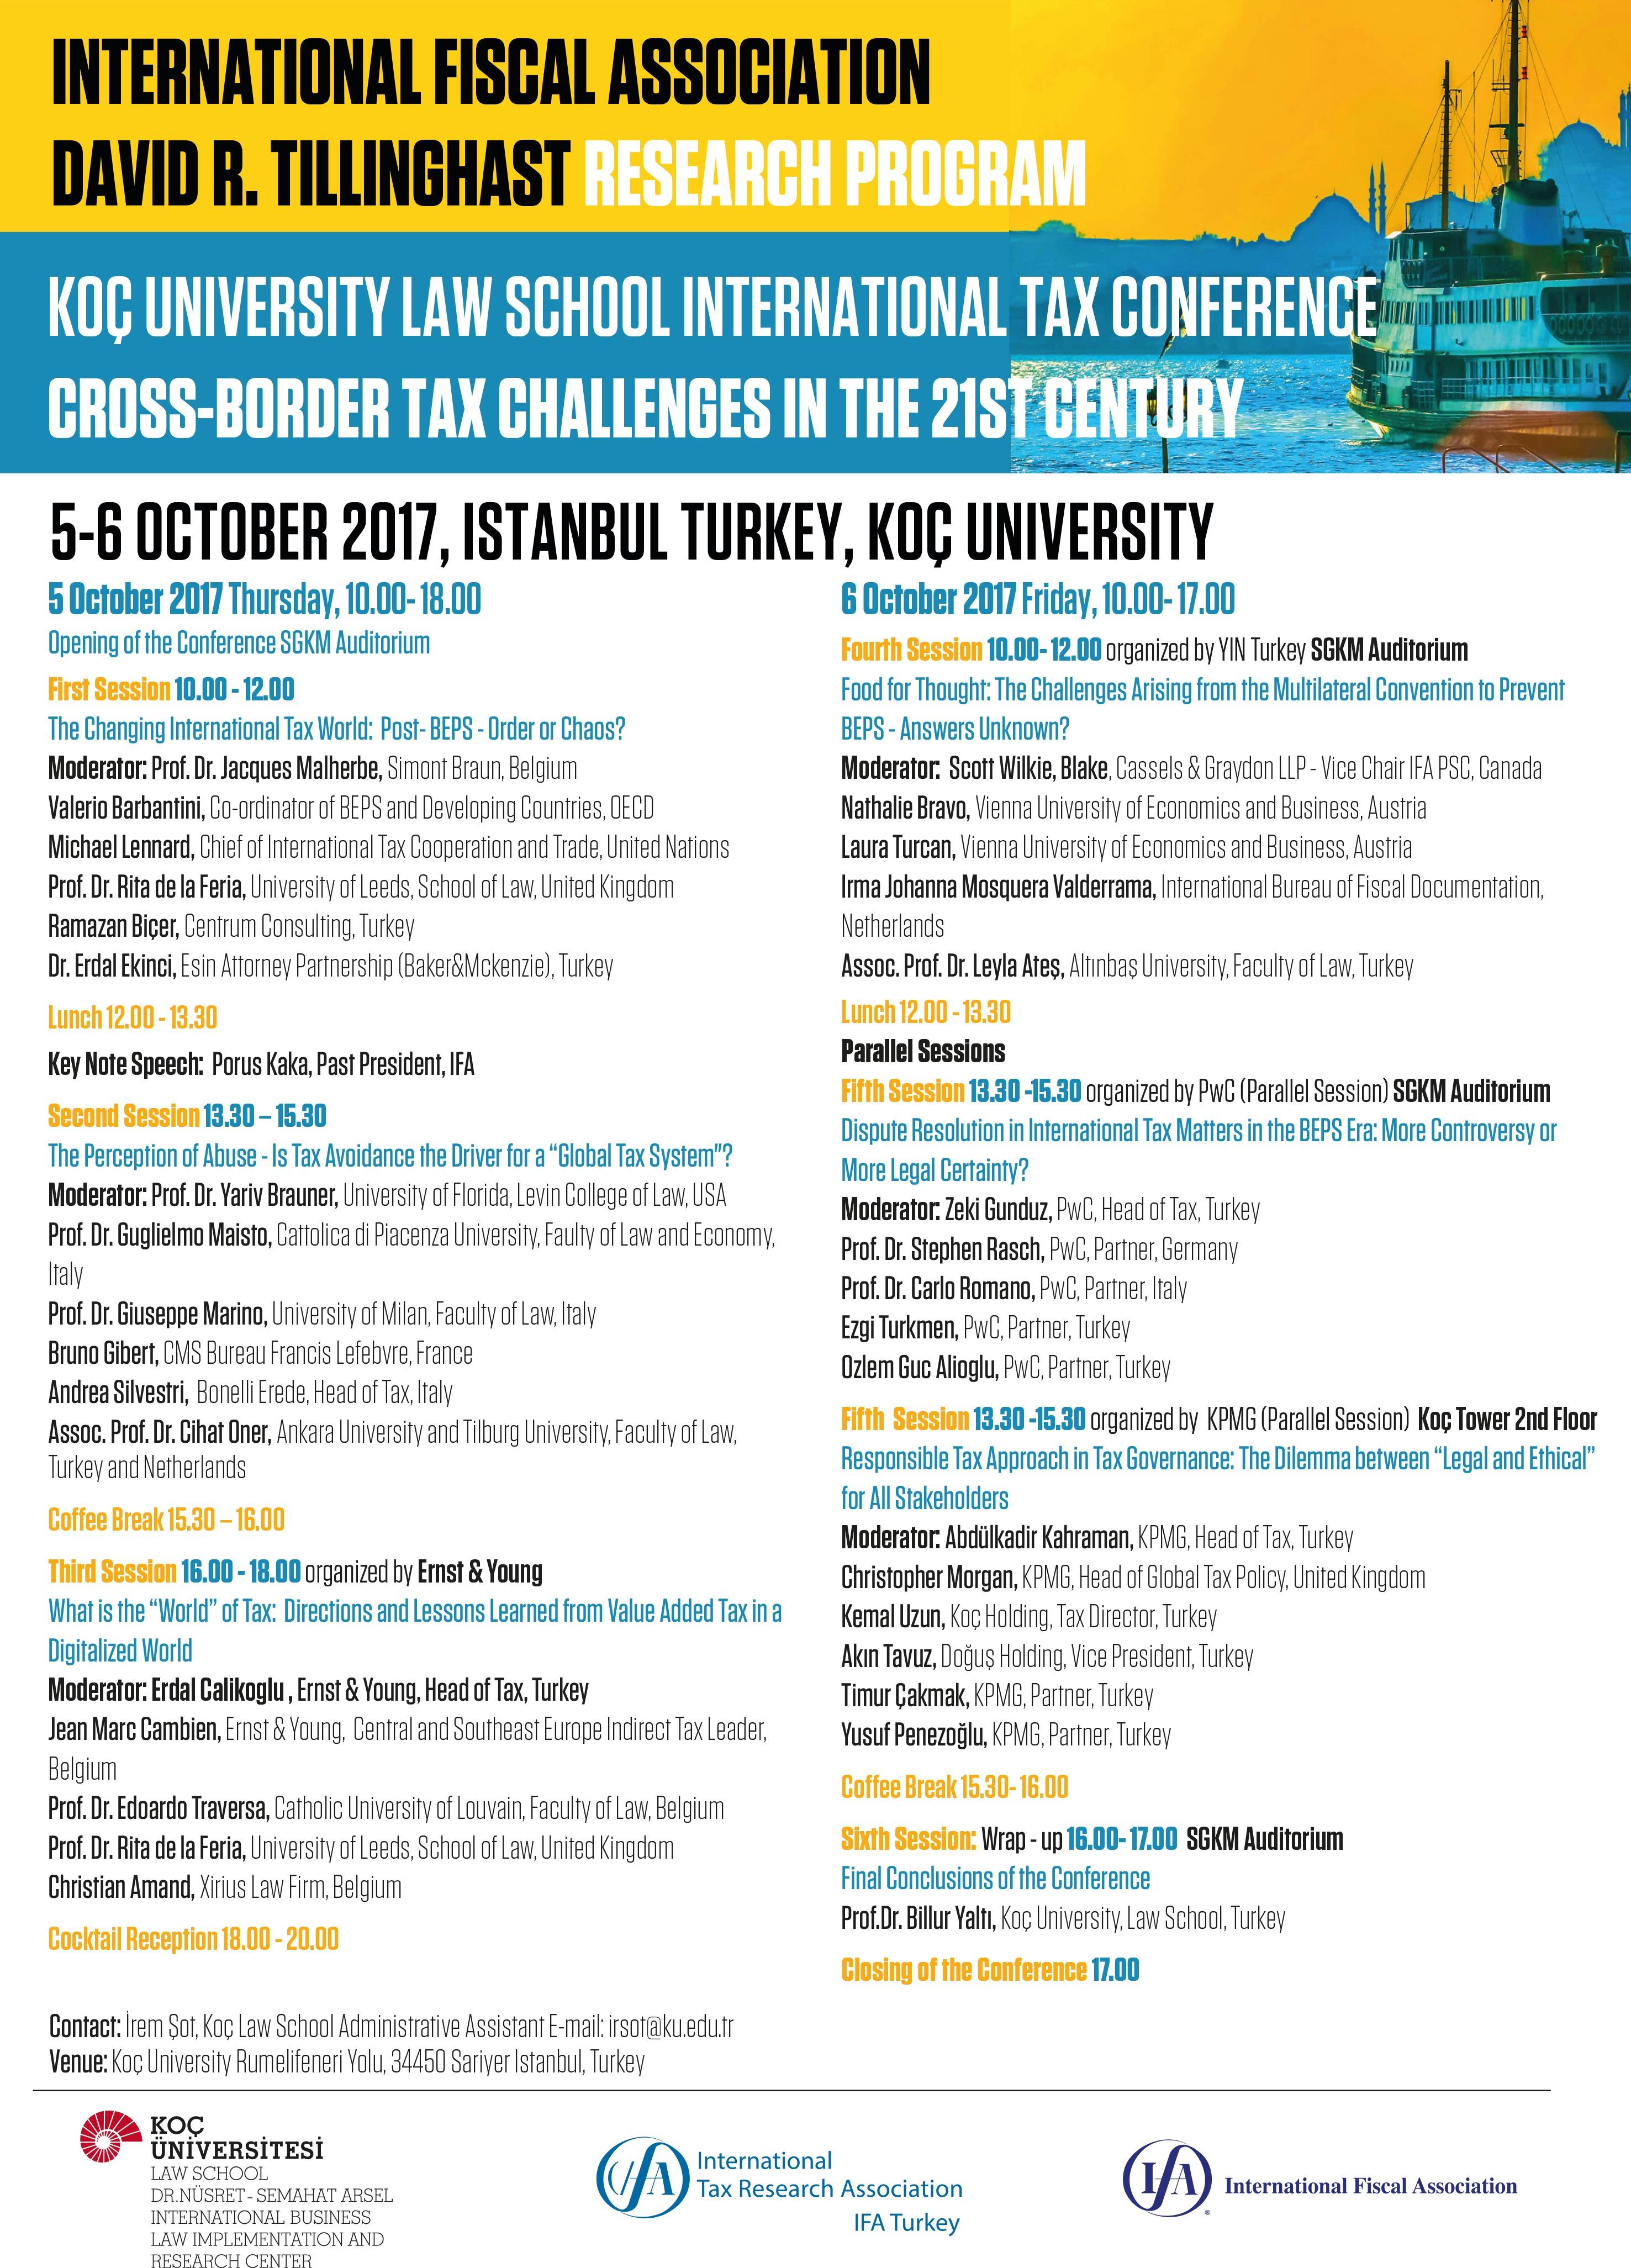 IFA David R. Tillinghast Araştırma Programı Uluslararası Vergi Konferansı